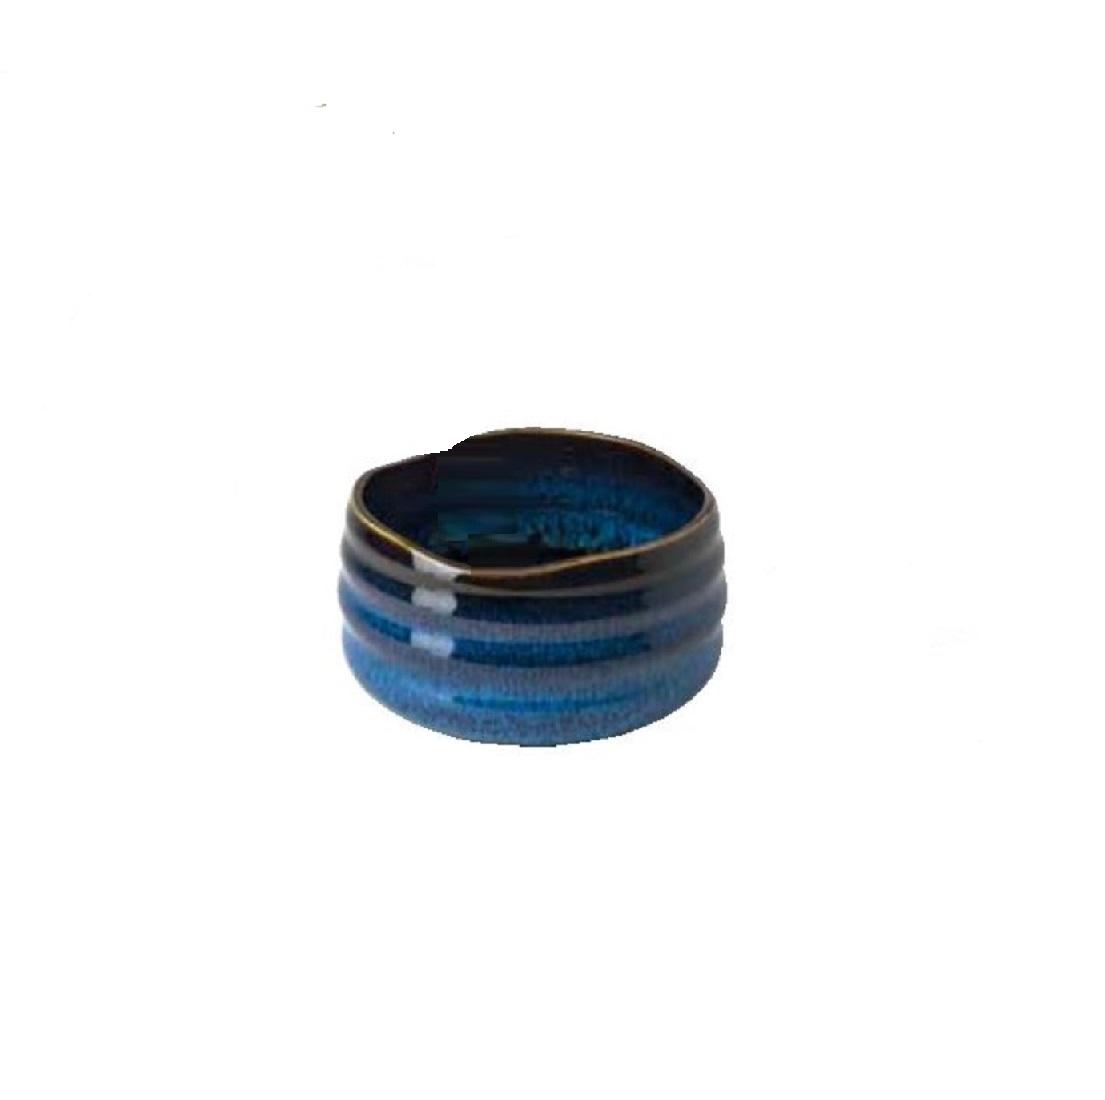 Онлайн каталог PROMENU: Пиала для чаю Matcha TeaLogic, объем 0,4 л, синий                                   120 137